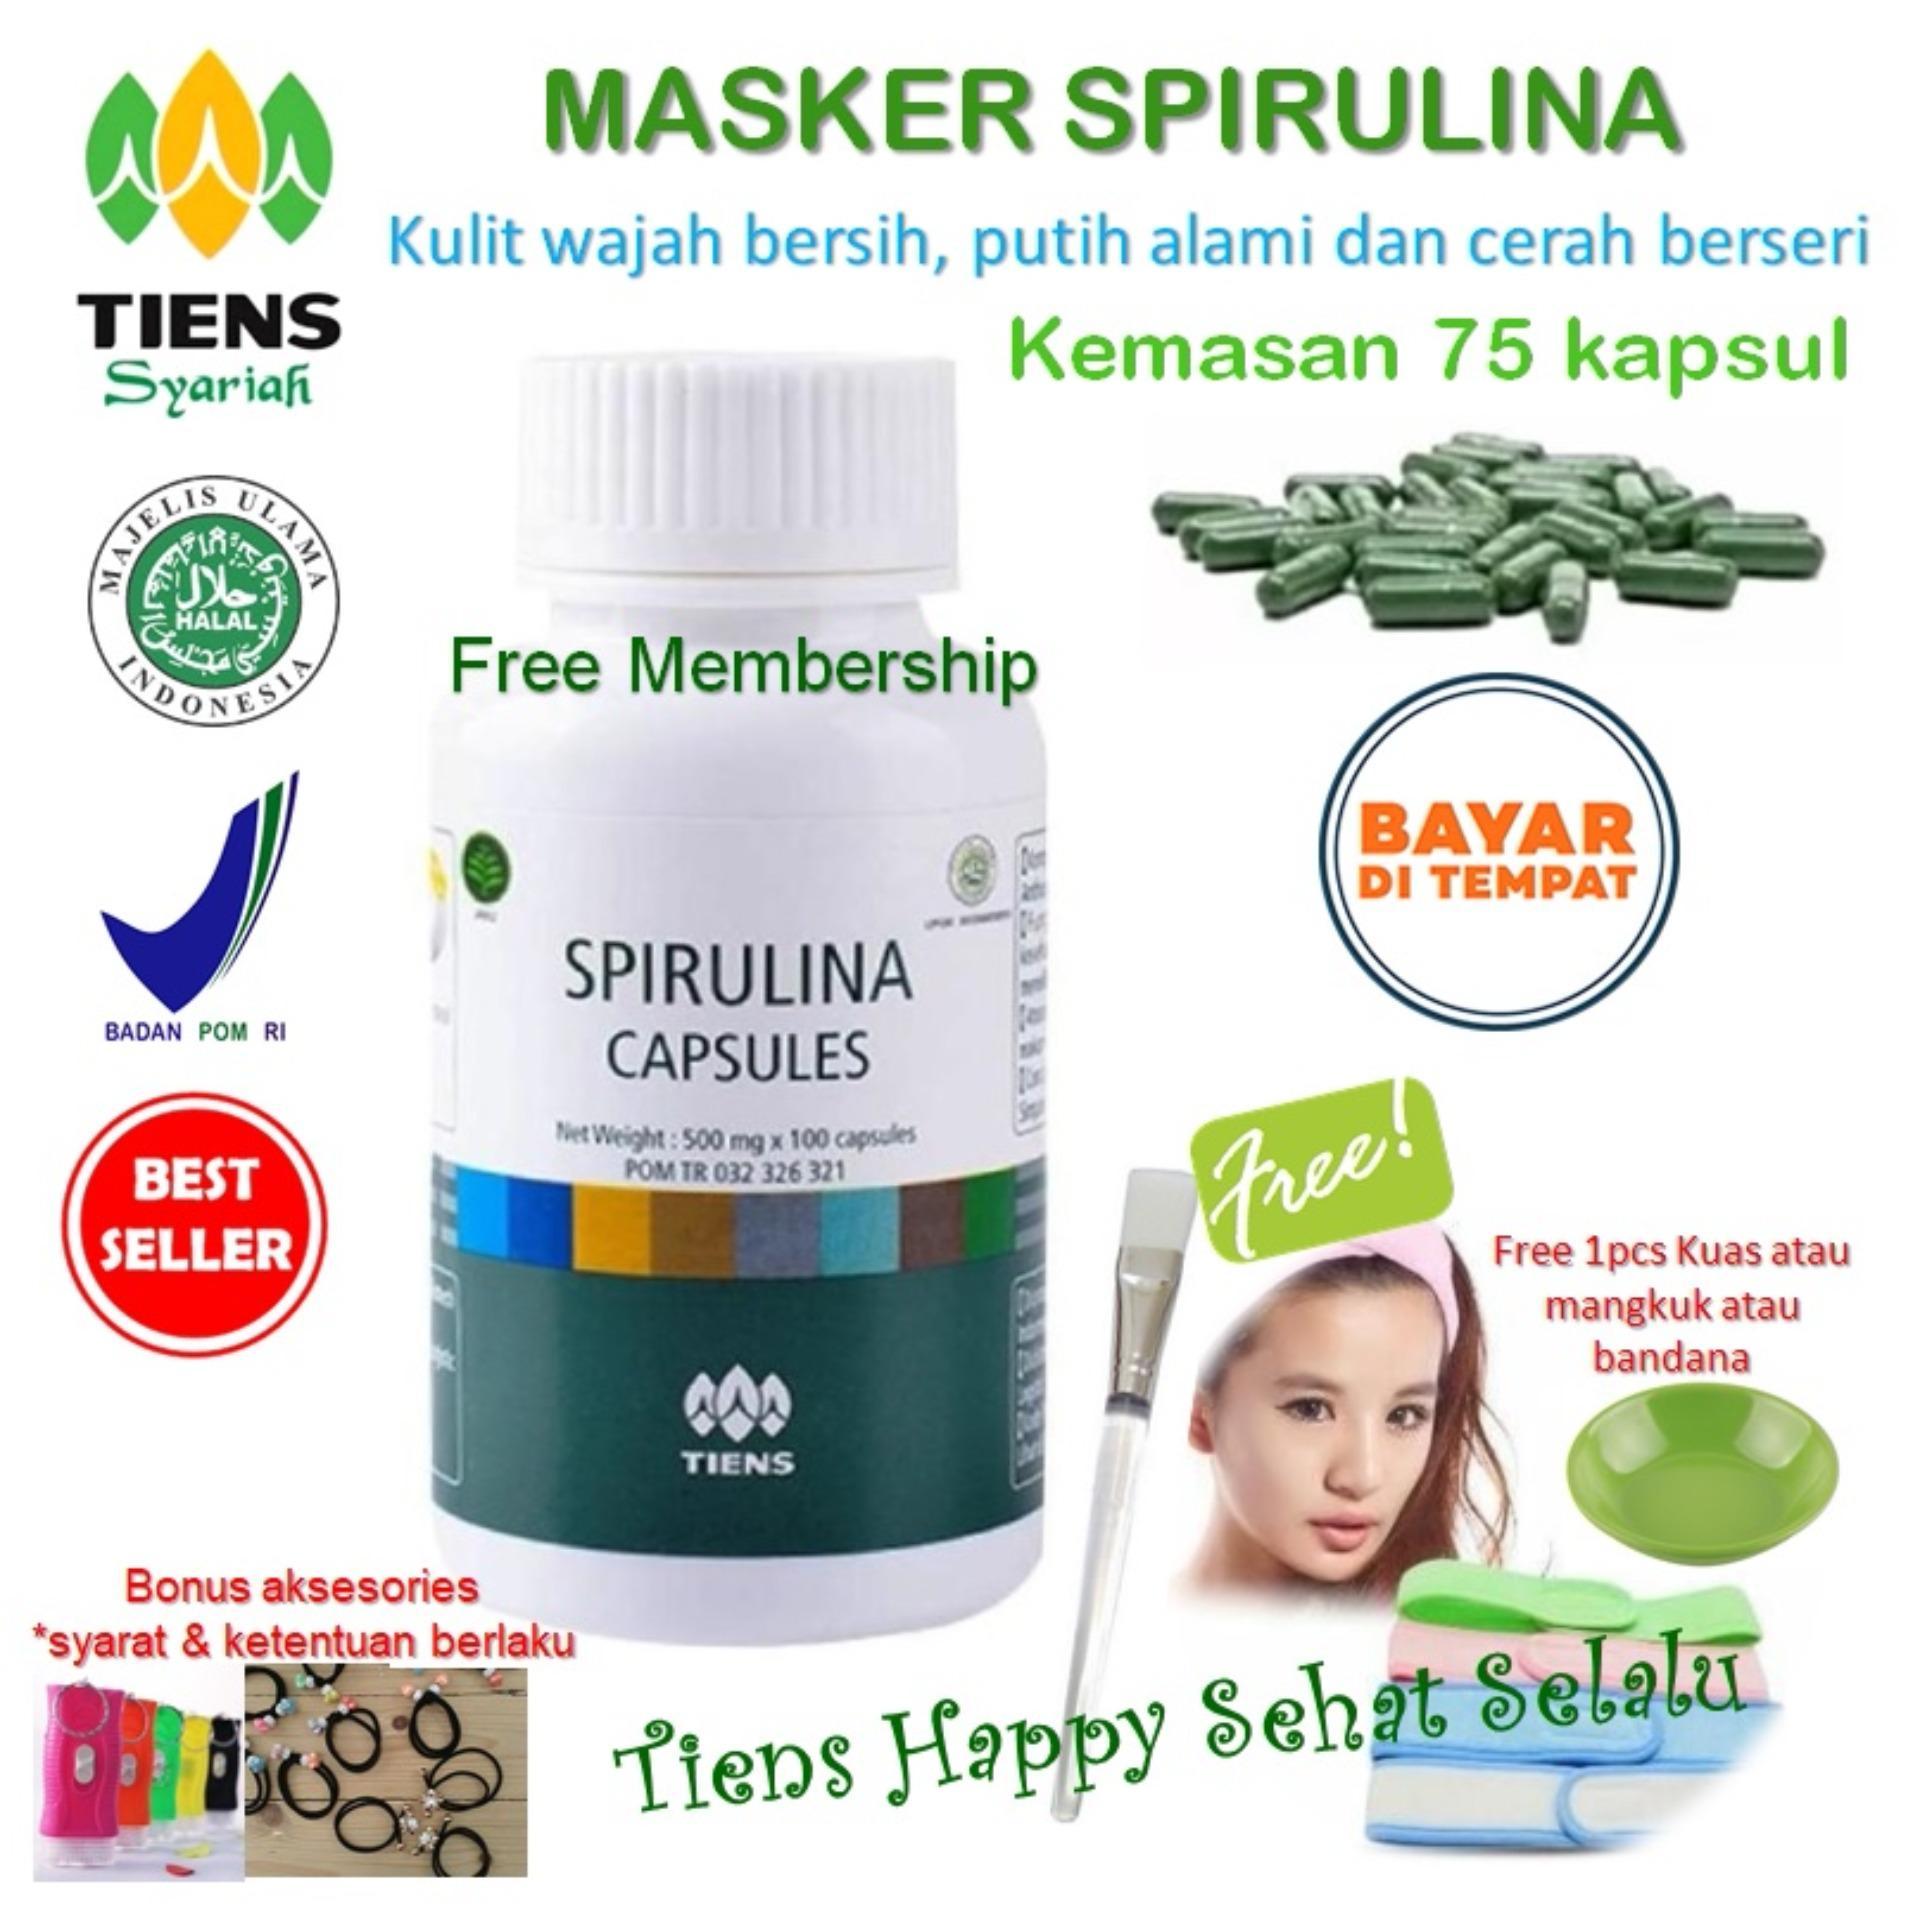 Harga Masker Tiens Spirulina Herbal Pemutih Wajah Isi 75 Kapsul Promo Tiens Indonesia